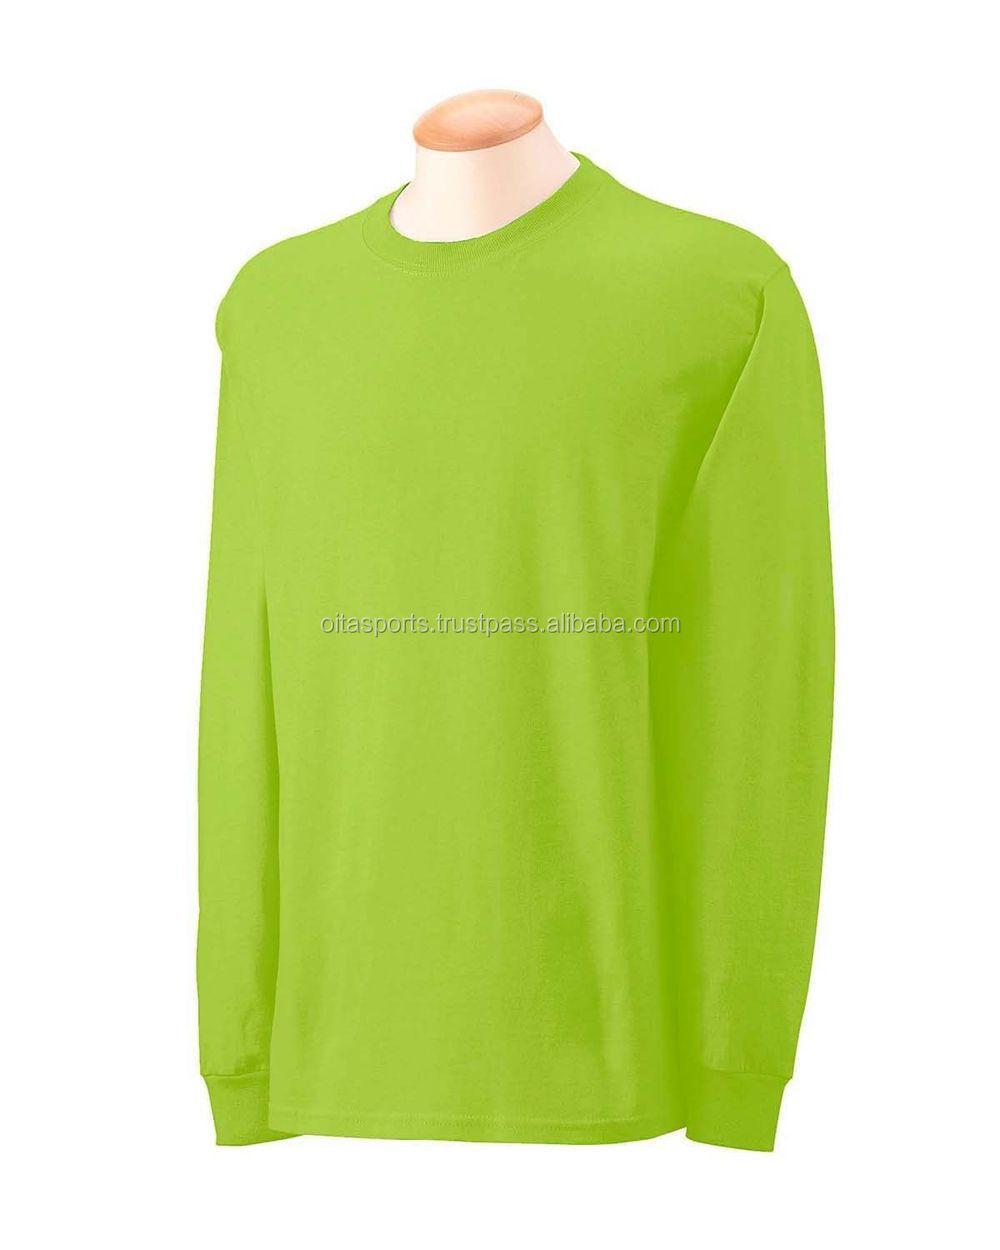 Shirt design website cheap - High Quality Clothing Men Printing T Shirt Cheap Plain T Shirt Printed